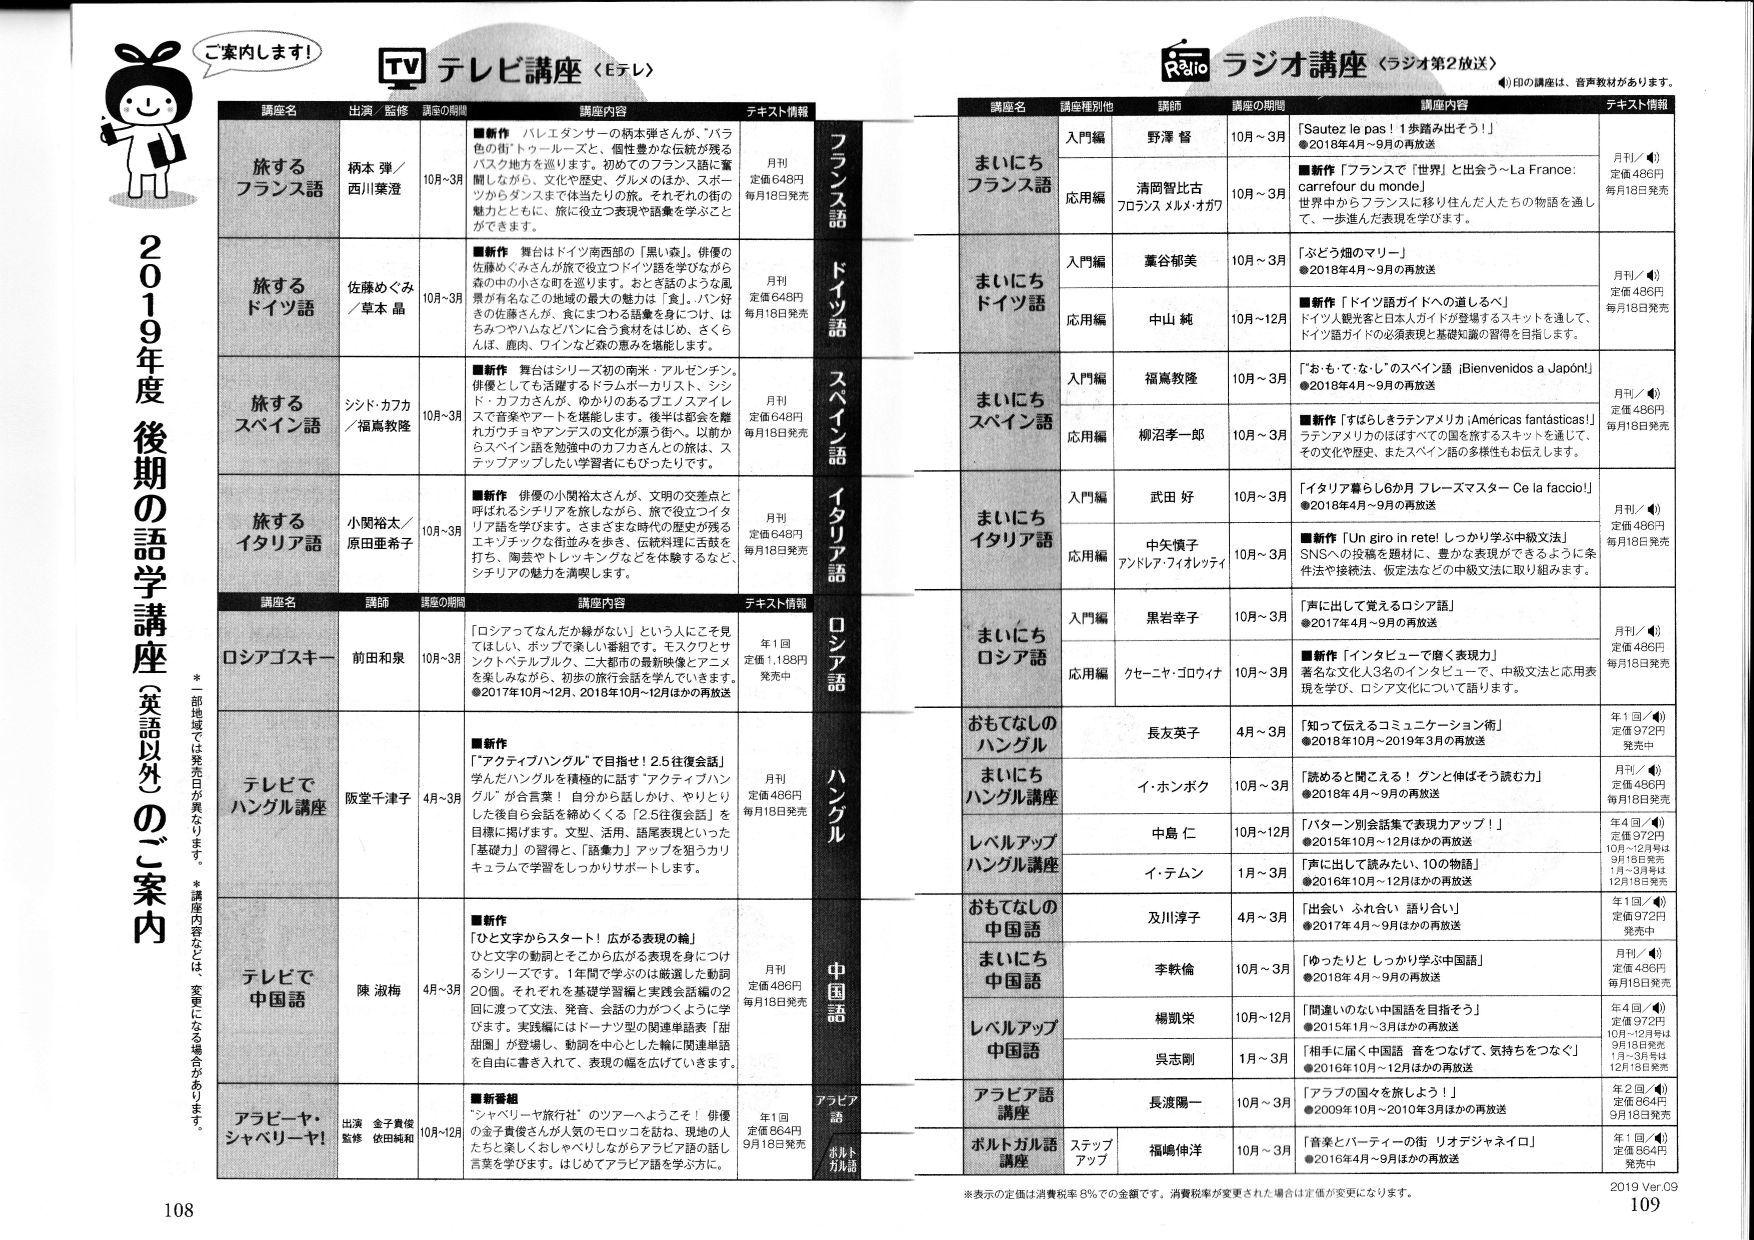 19-10月期情報(3) 9月号テキスト巻末の表!(19年8月21日)_c0059093_15110822.jpg